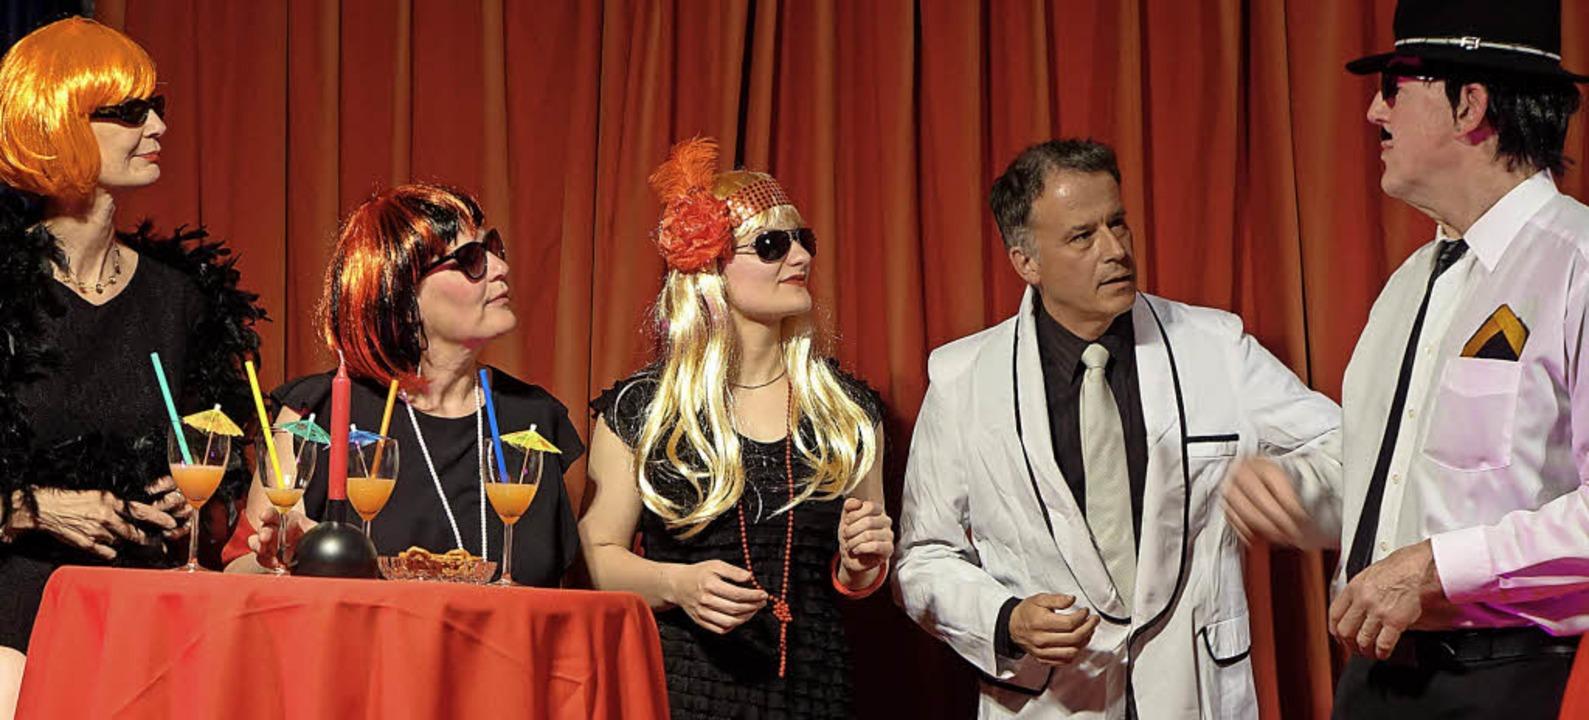 Inkognito amüsieren sich die Damen und Herren beim Besuch in einem Nachtclub.     Foto: Roswitha Frey